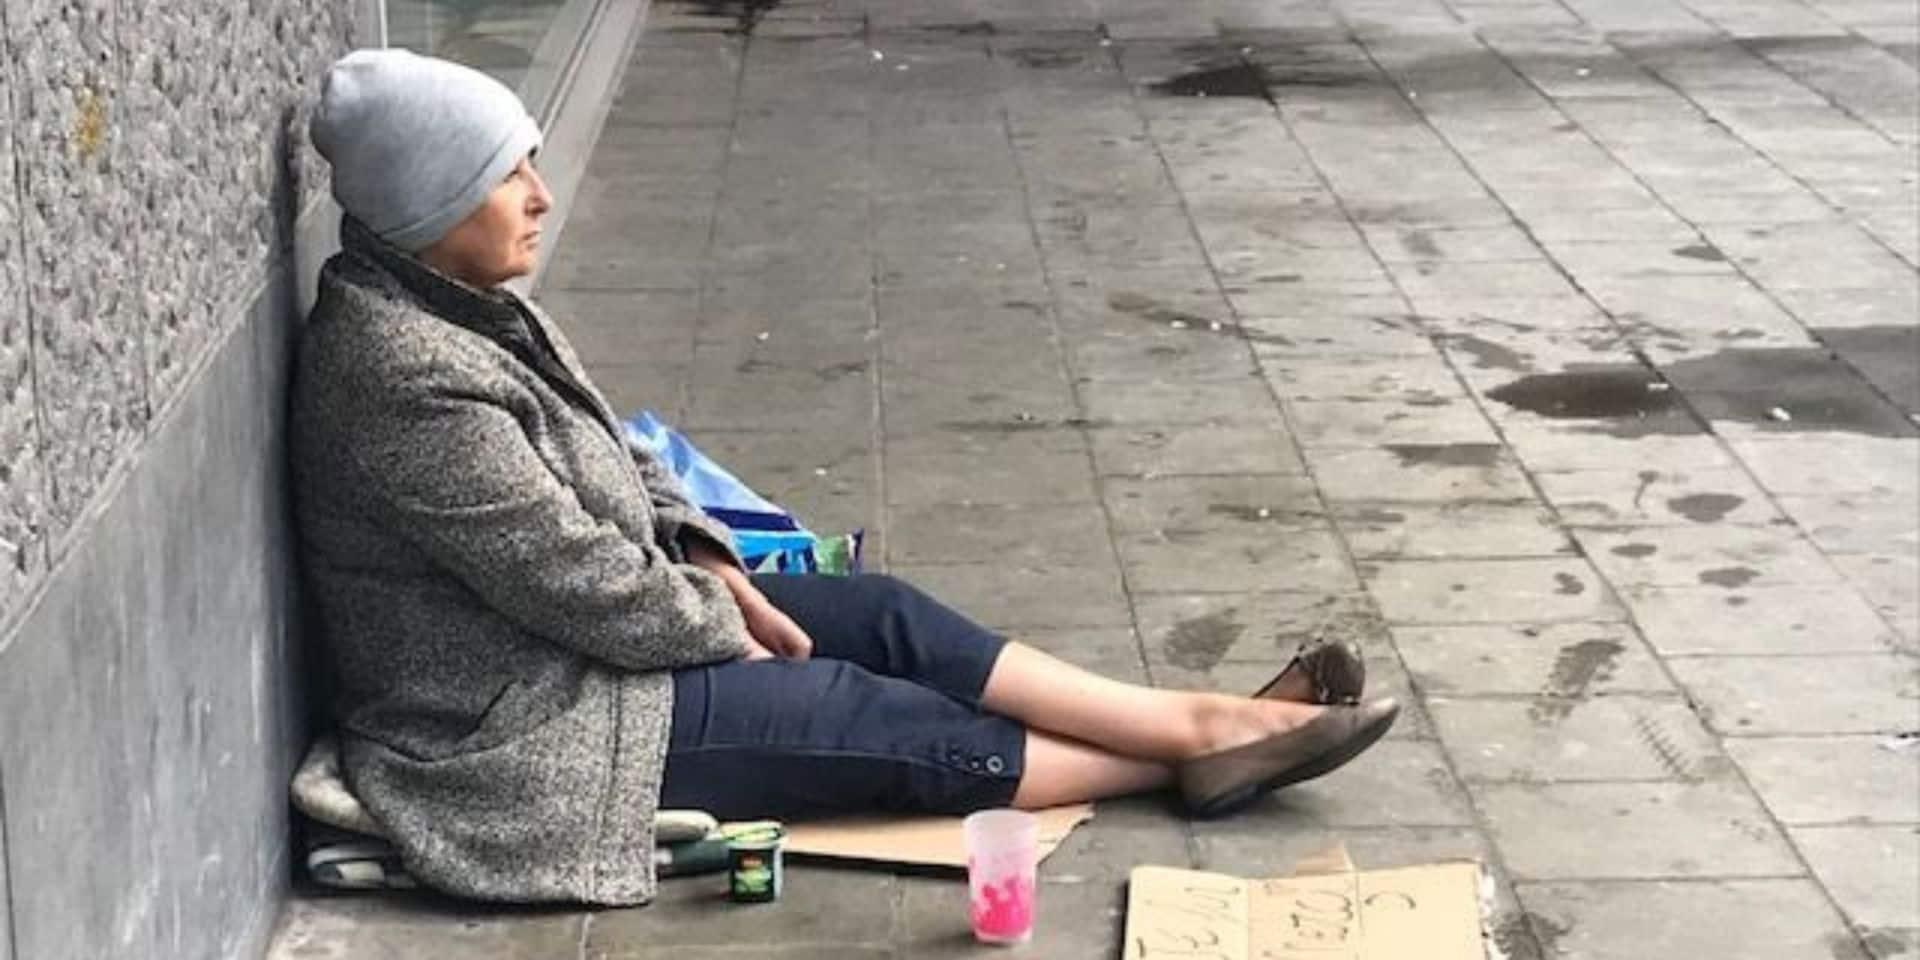 Une semaine dans la peau d'une mendiante et seulement 11,99 € récoltés: la troublante expérience de l'ex-sénatrice Fatiha Saïdi